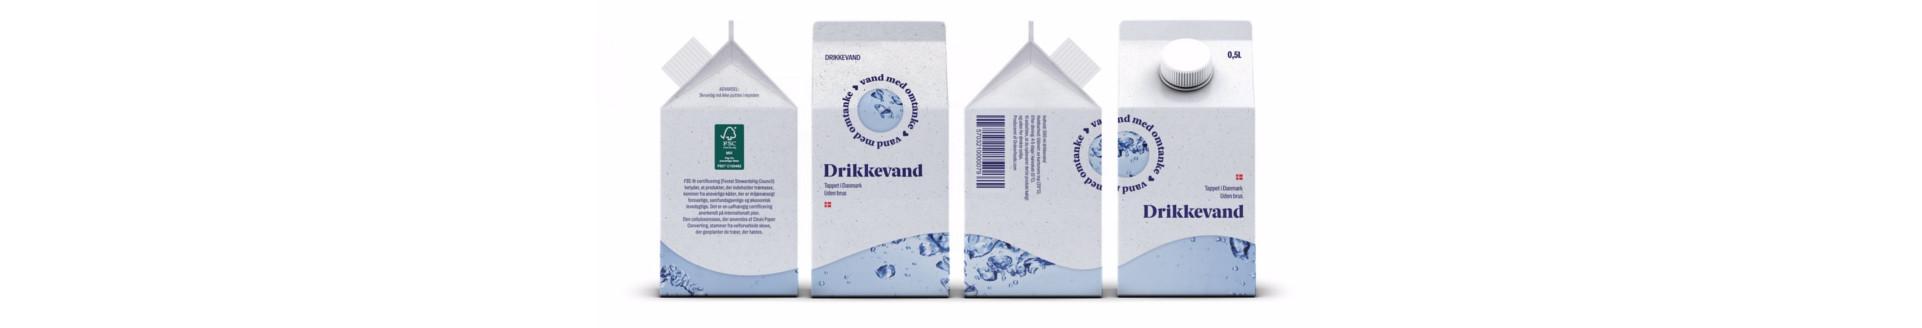 Drikkevand_Med_omtanke